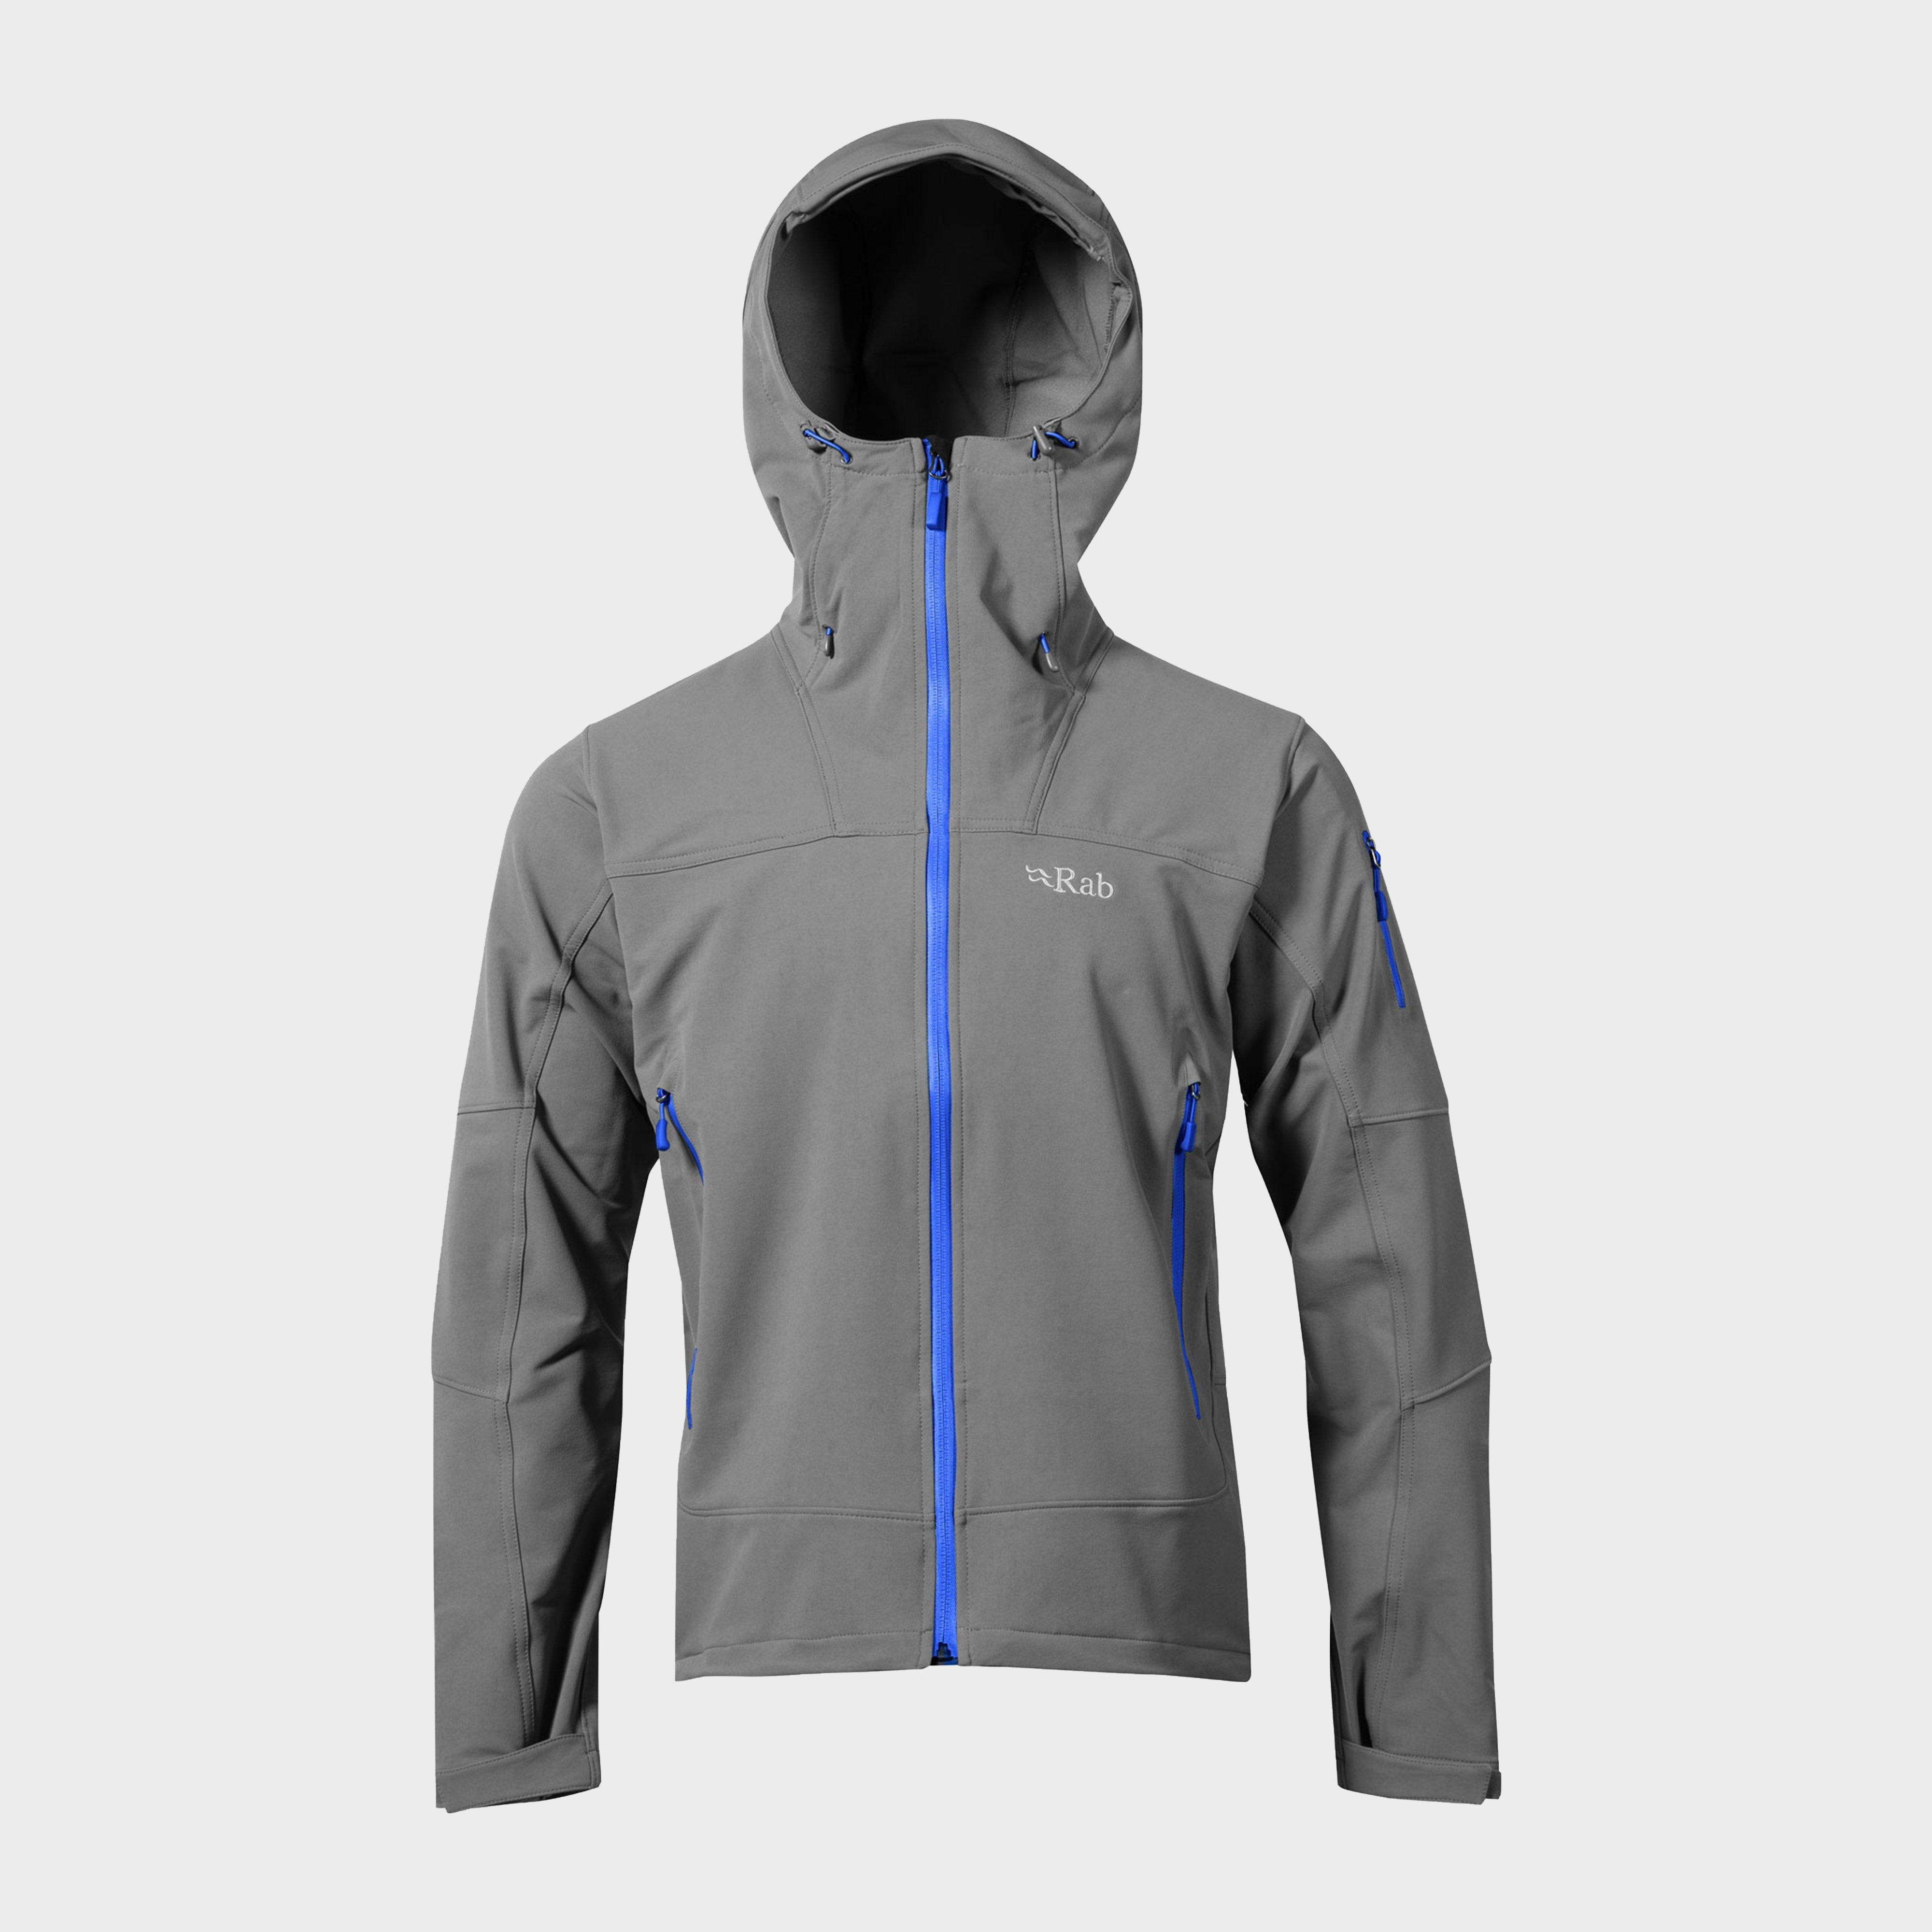 Rab Rab Mens Exodus Softshell Jacket - N/A, N/A